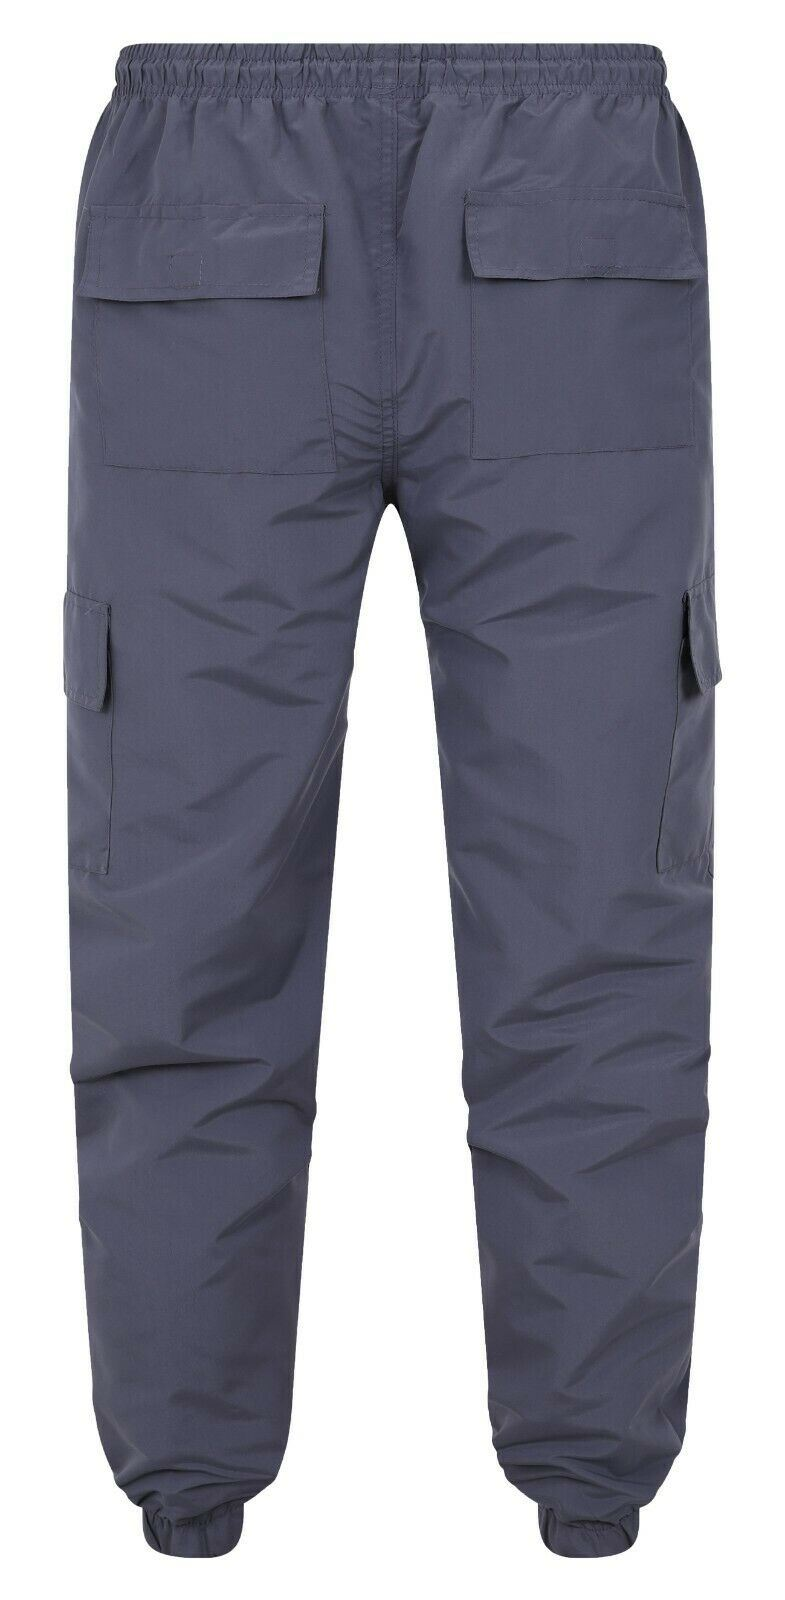 Mens Cargo Combat Trousers Elasticated Waist Bottoms Pants Zip Pocket All Waist